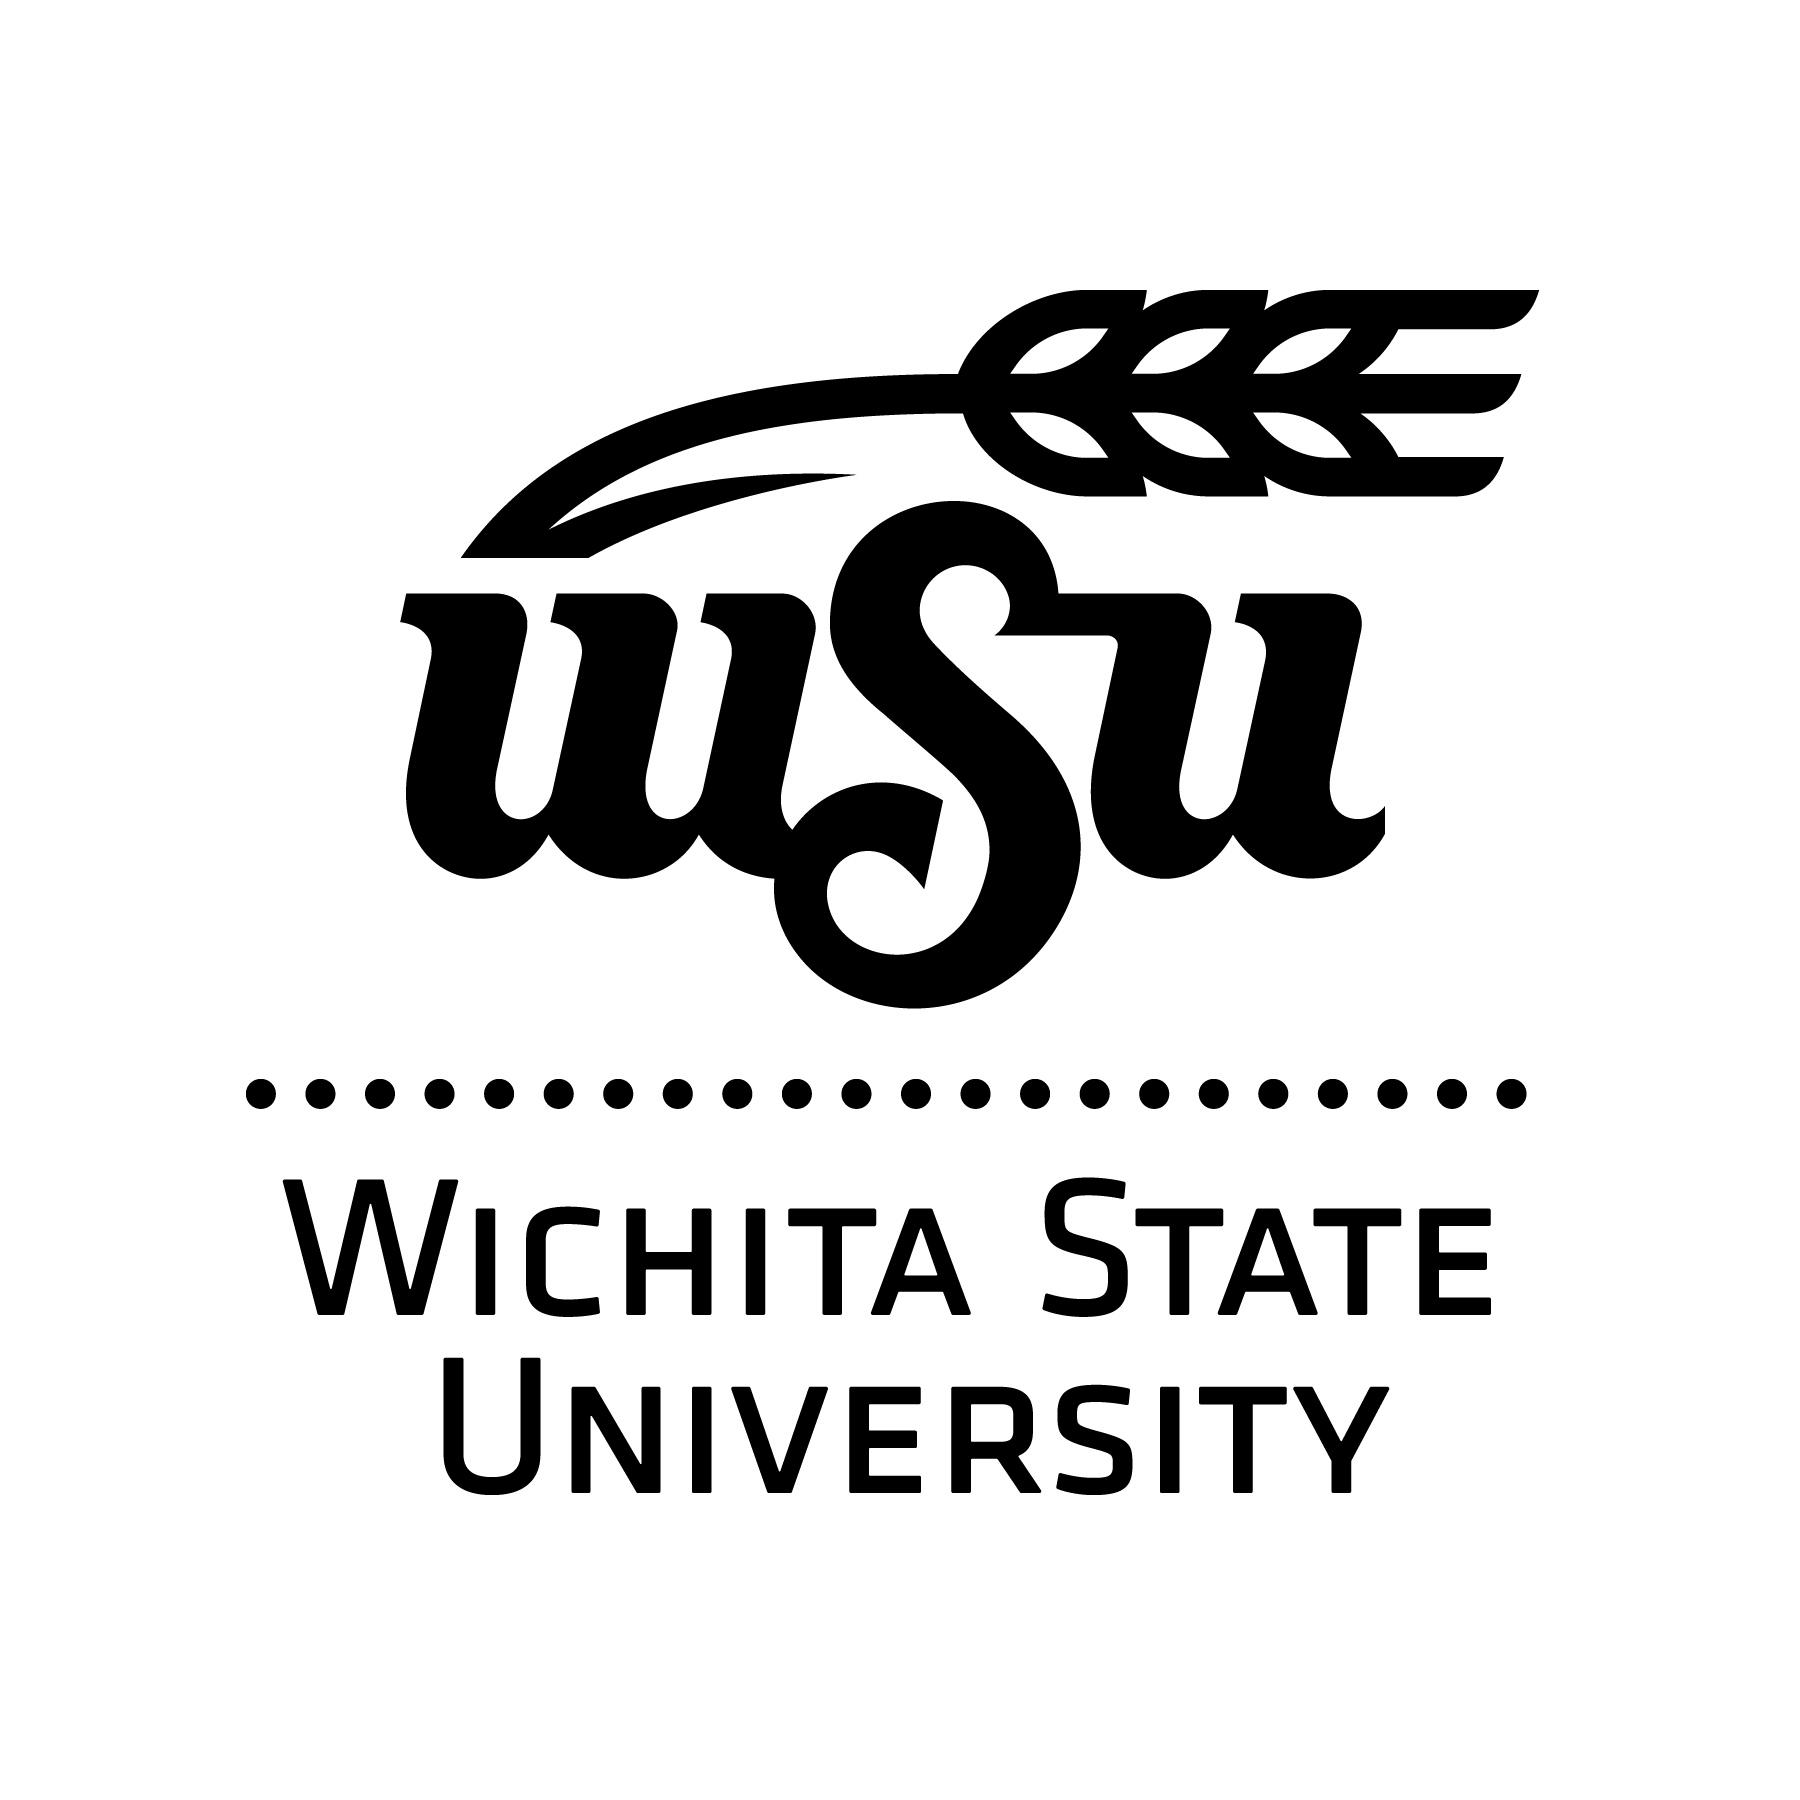 Wichita State University logo.